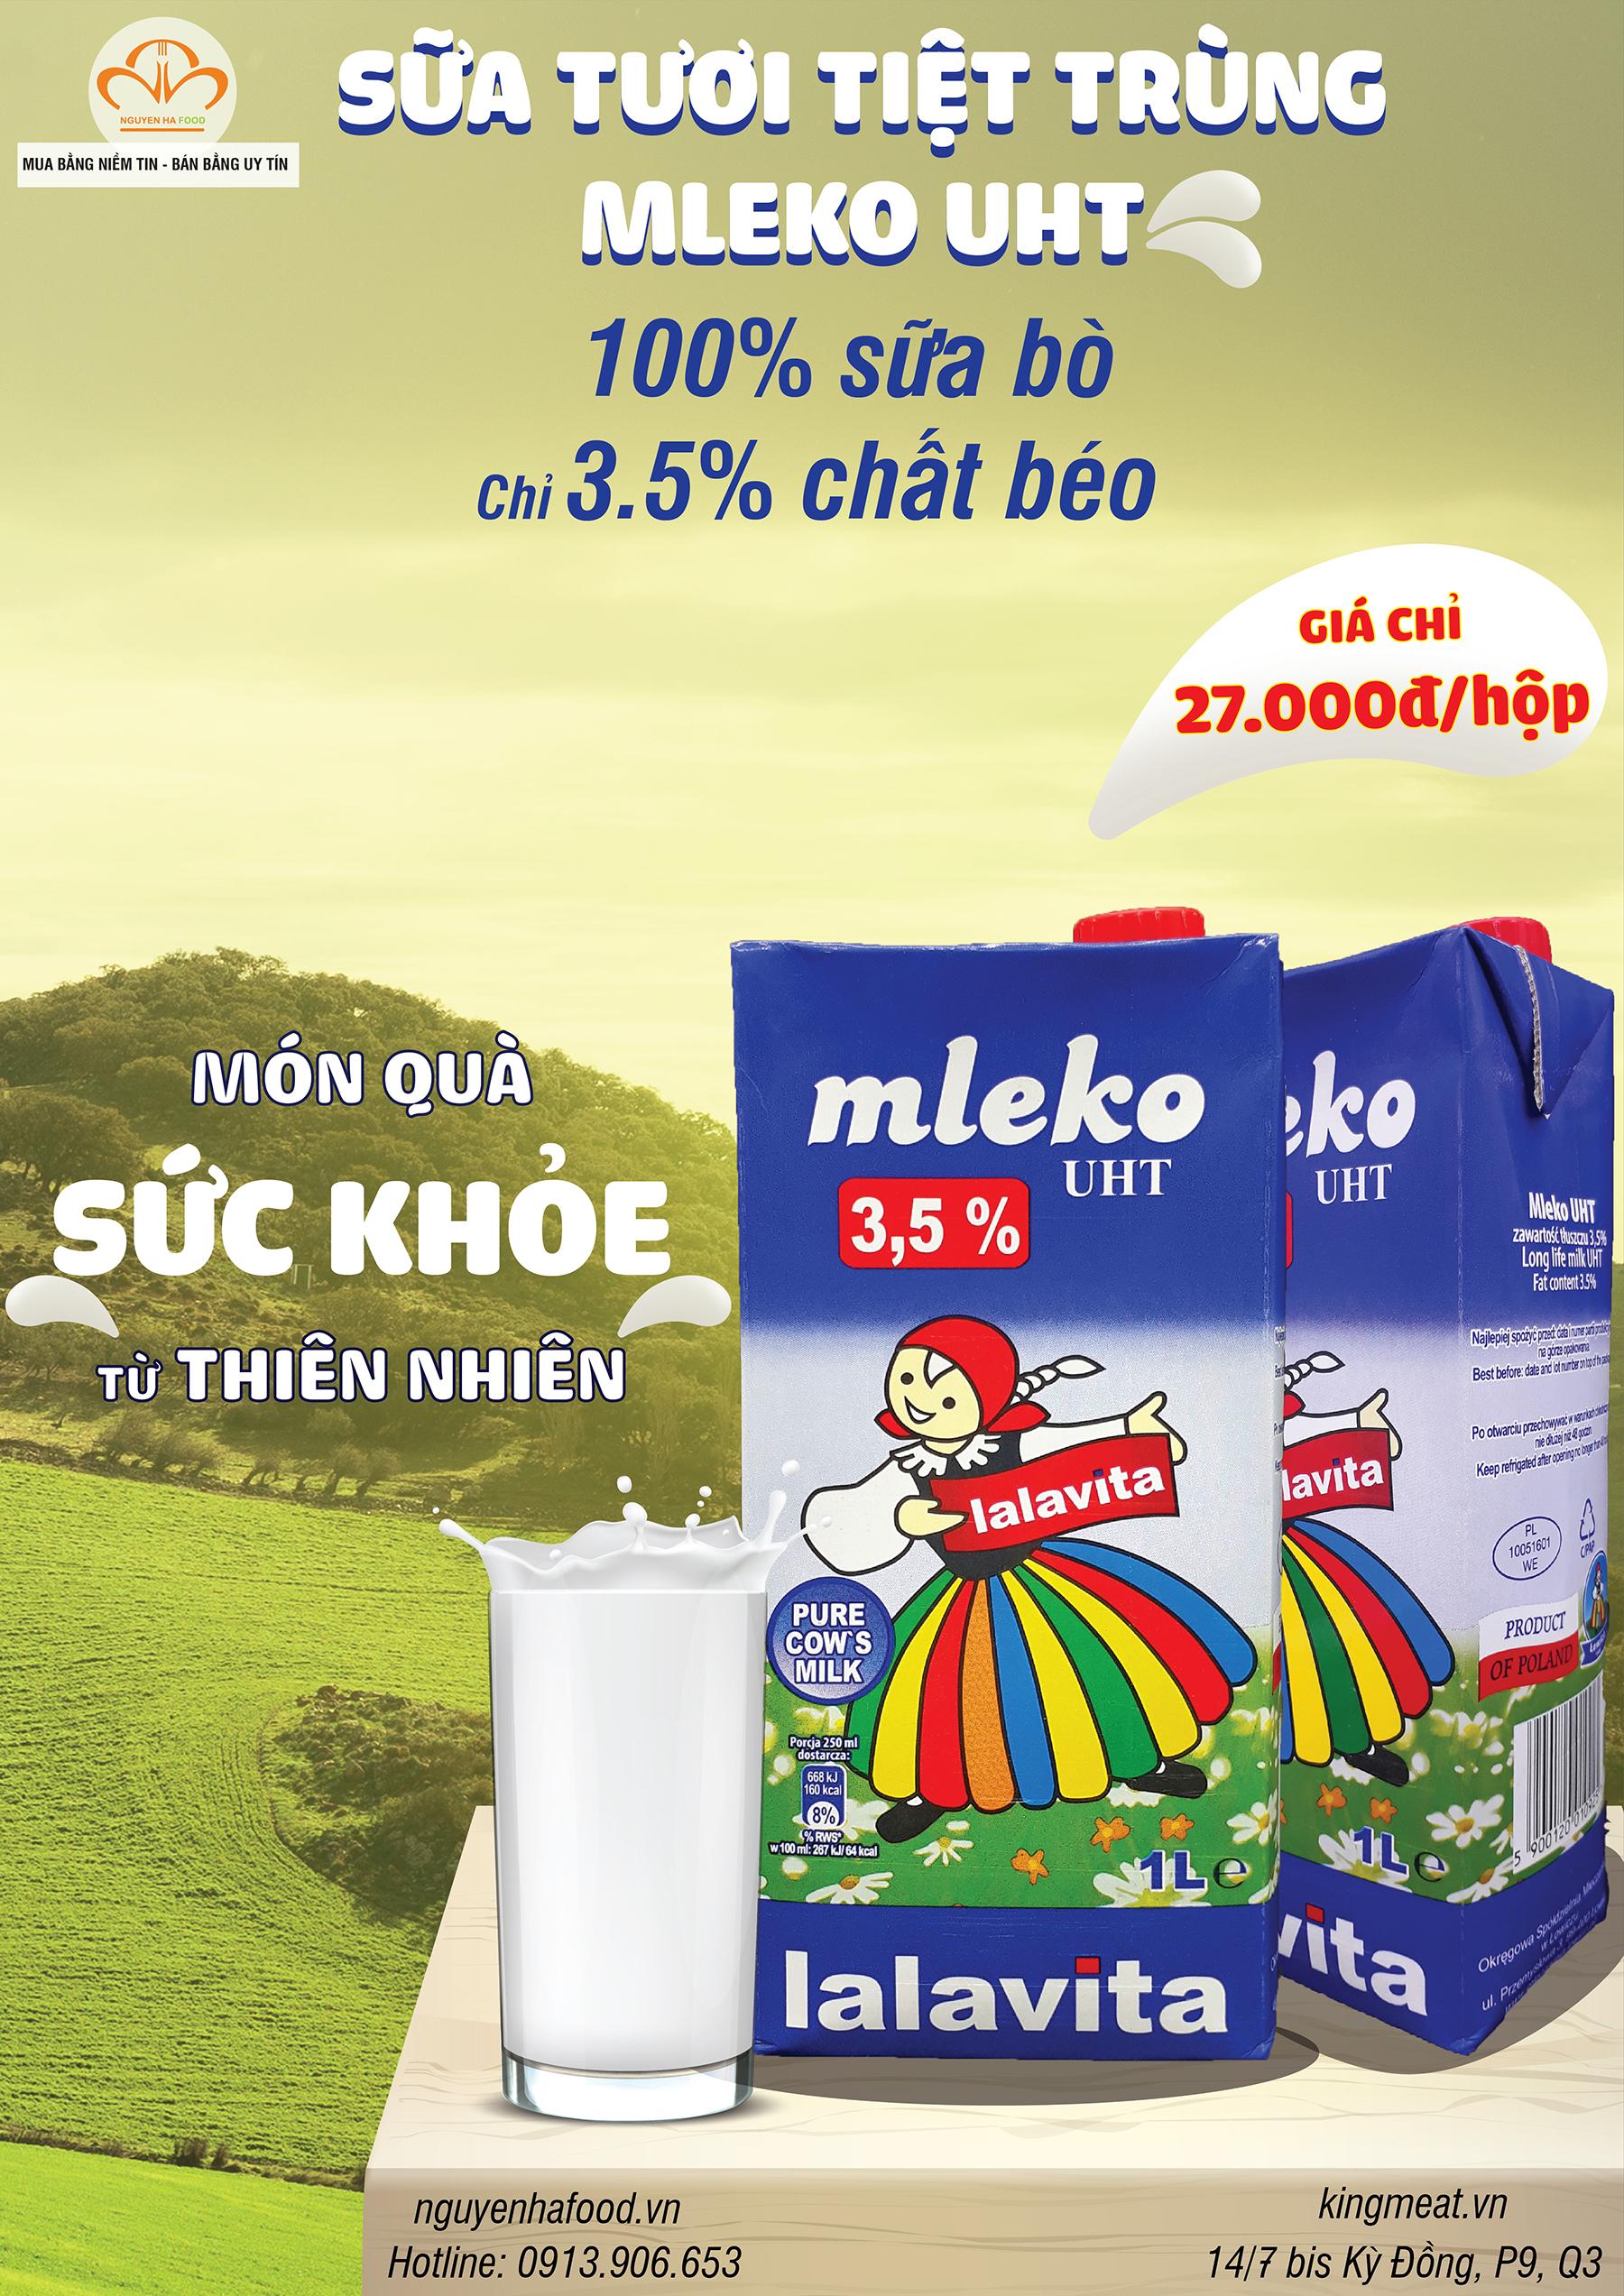 sữa tươi ngon nhất